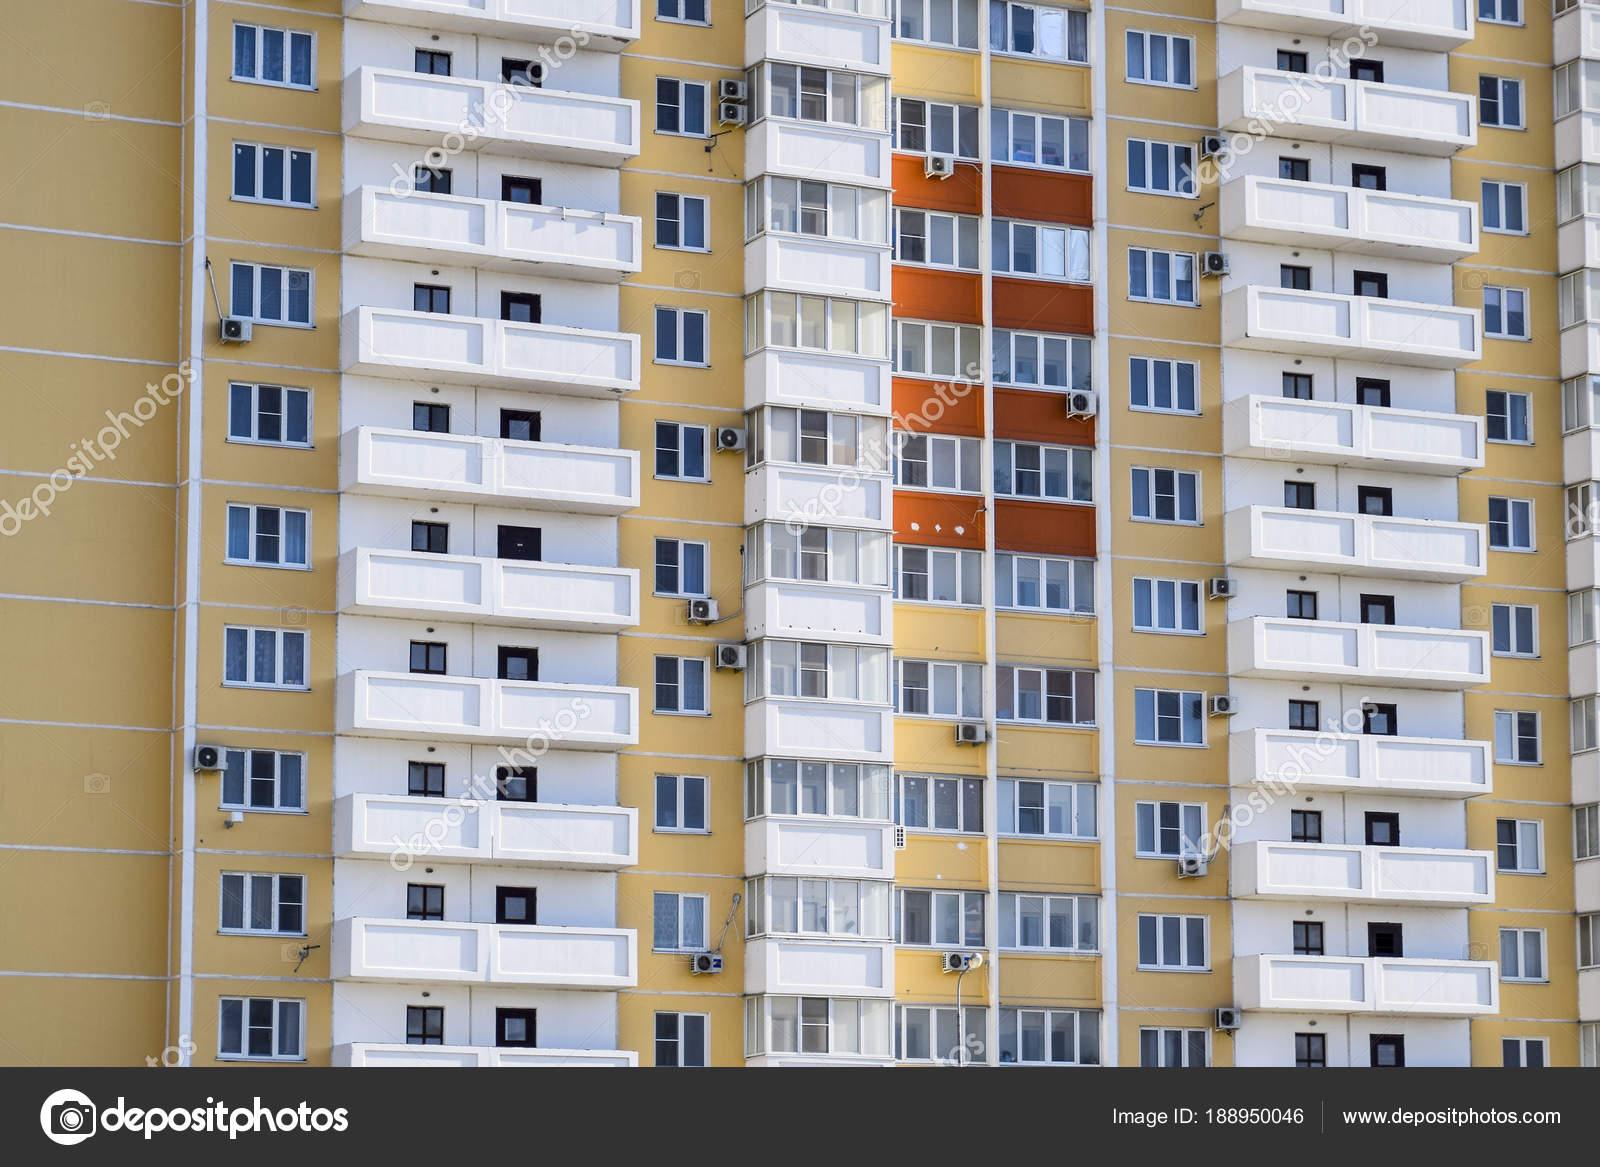 Een Nieuw Huis : Een nieuw huis meerdere verdiepingen bouw van residentiële